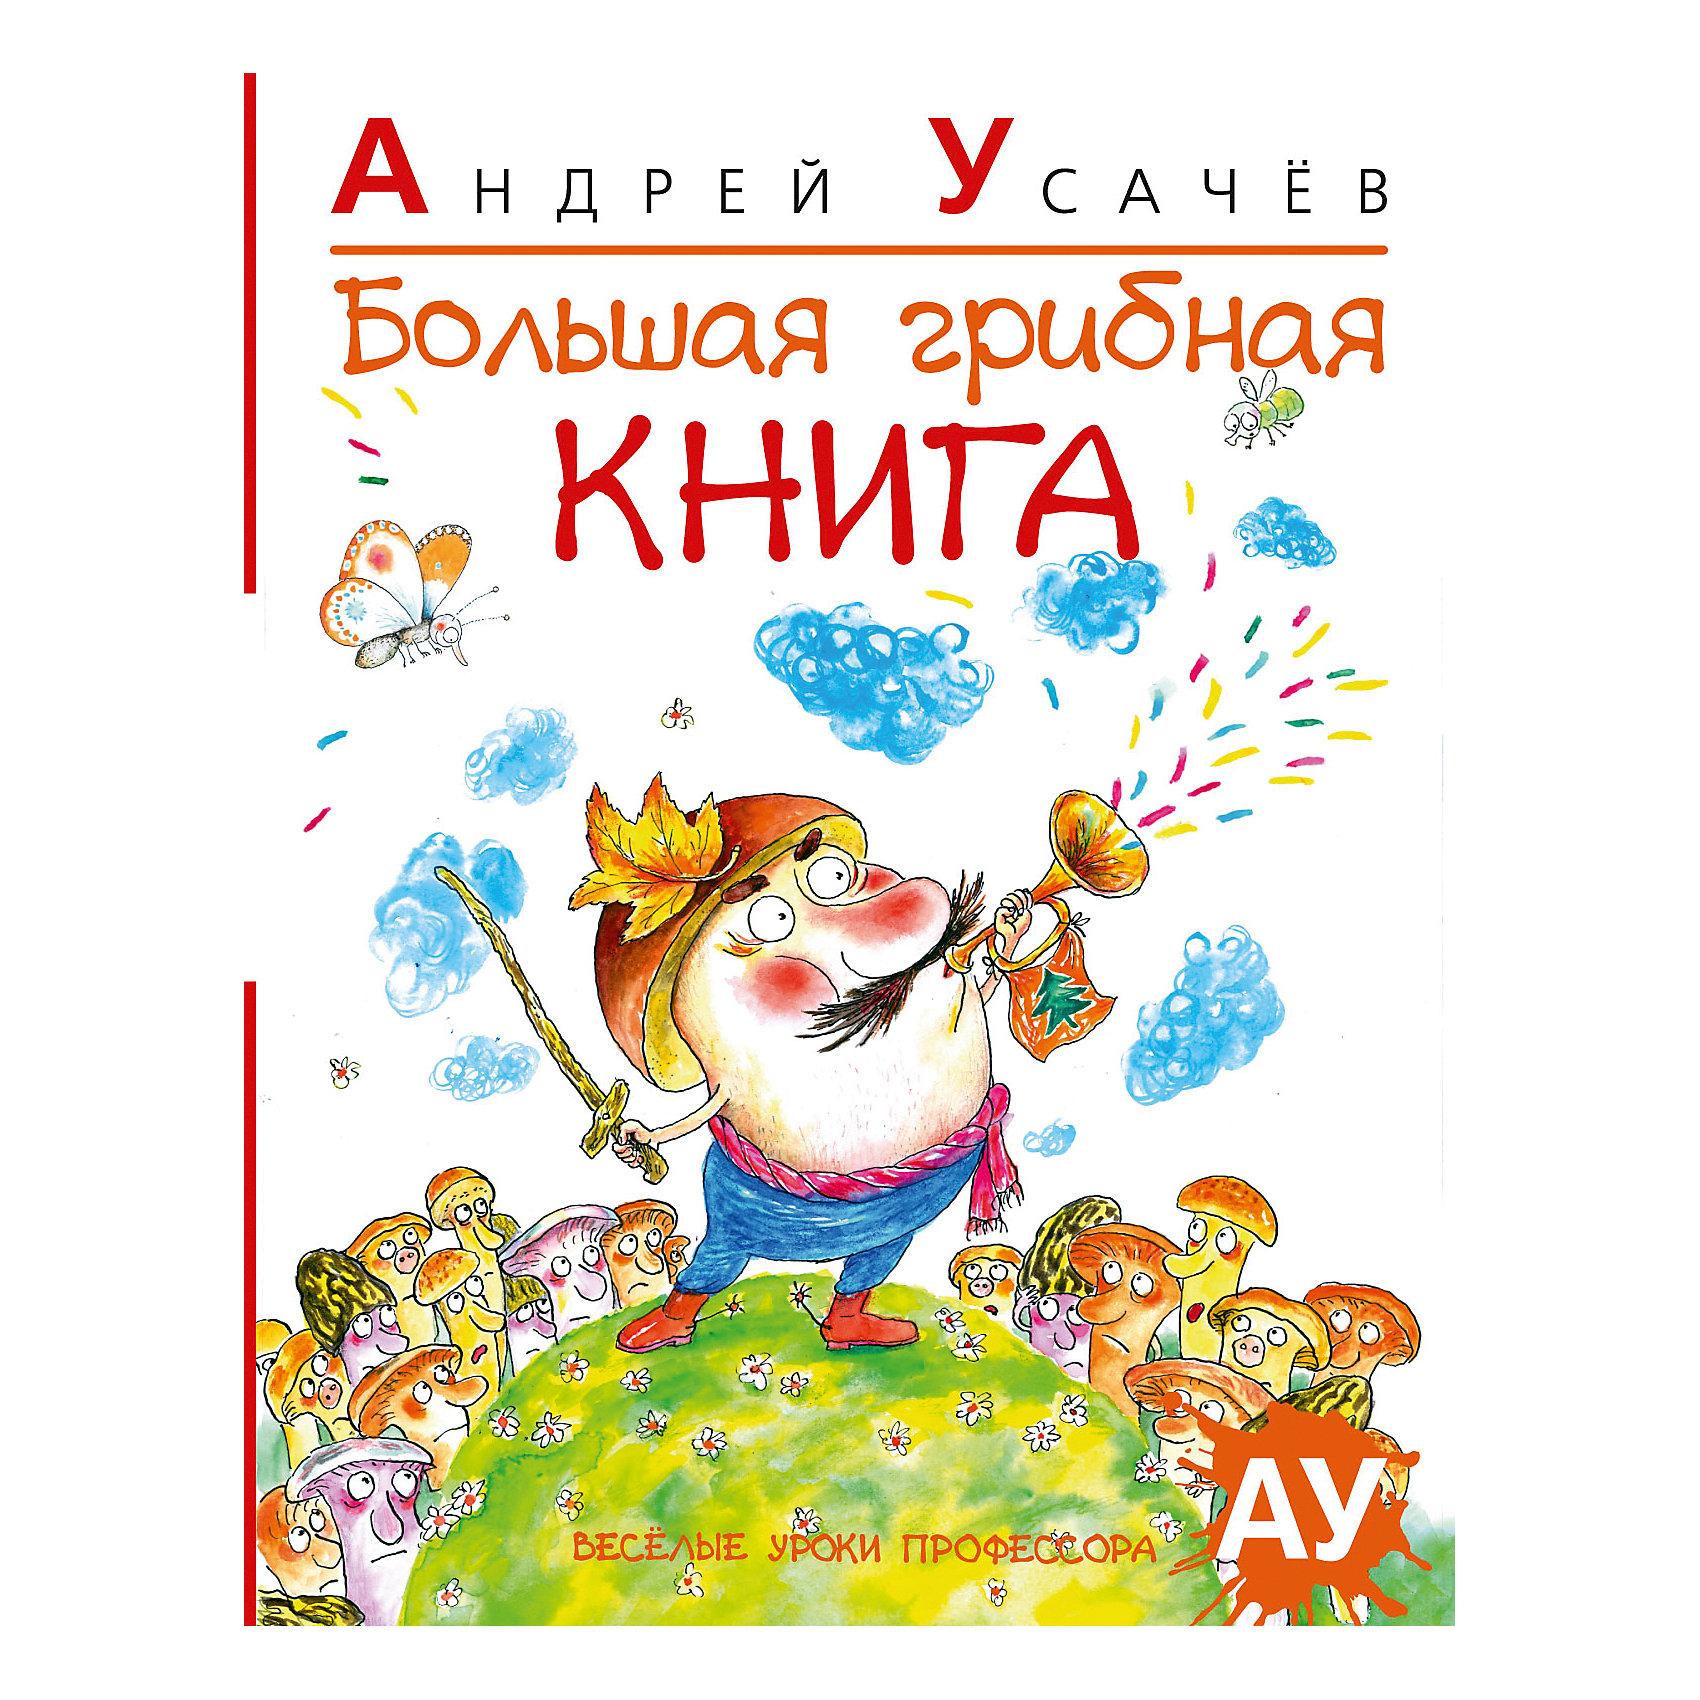 Махаон Большая грибная книга, А.А. Усачев бологова в моя большая книга о животных 1000 фотографий